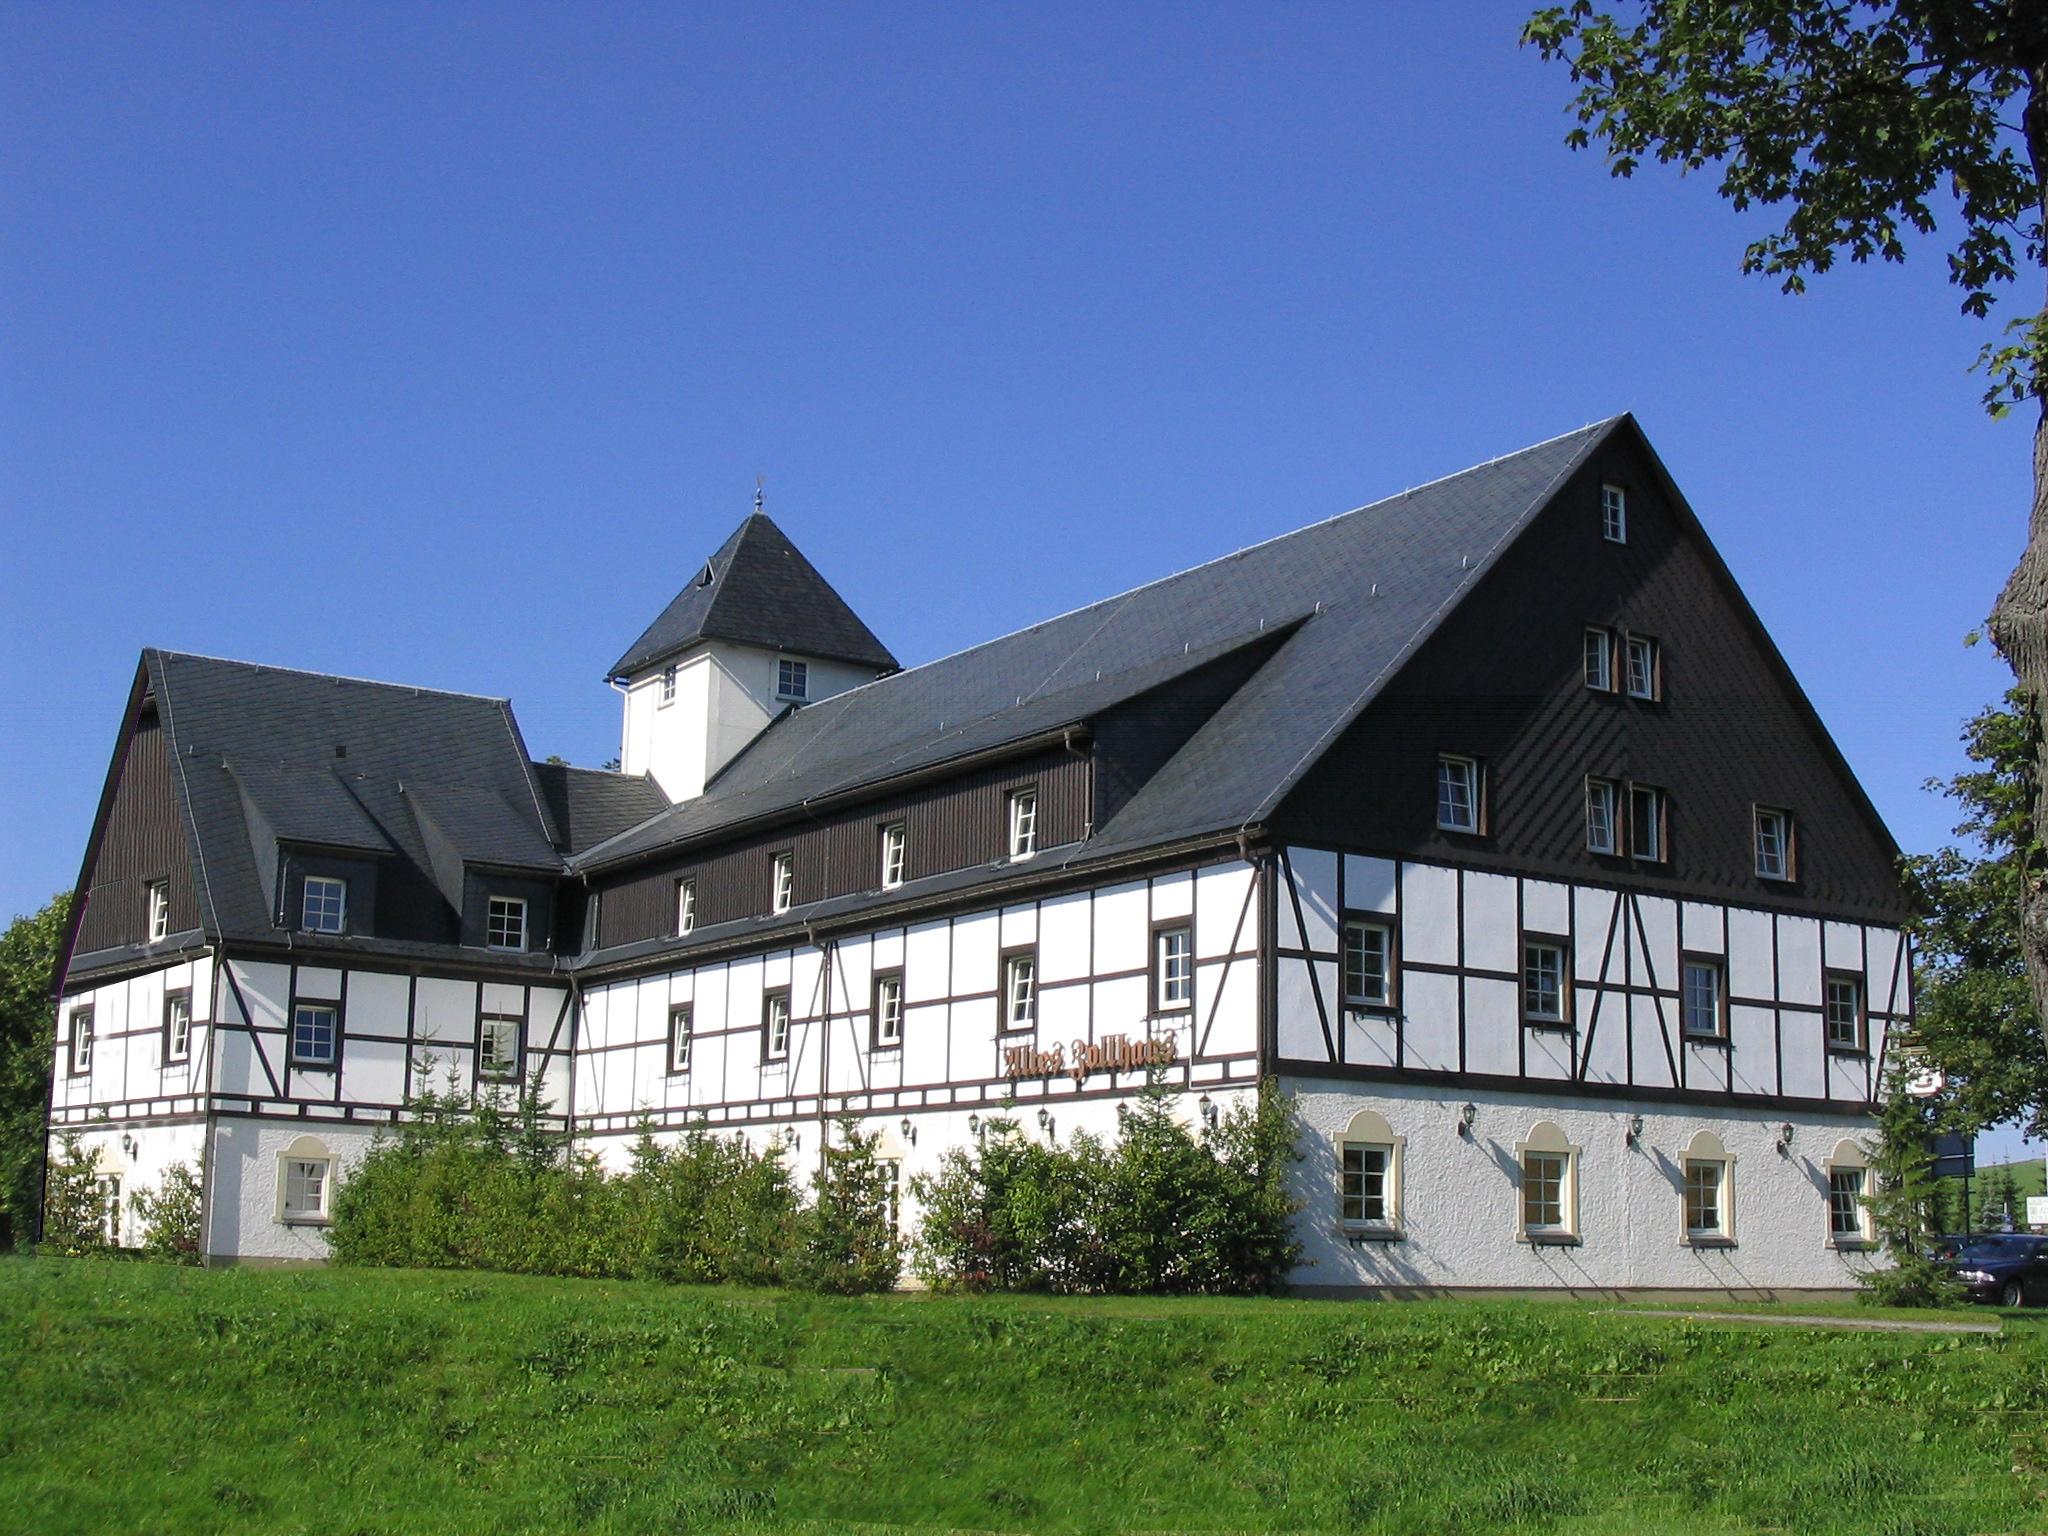 グリーンライン ランドホテル アルテス ツォルハウス